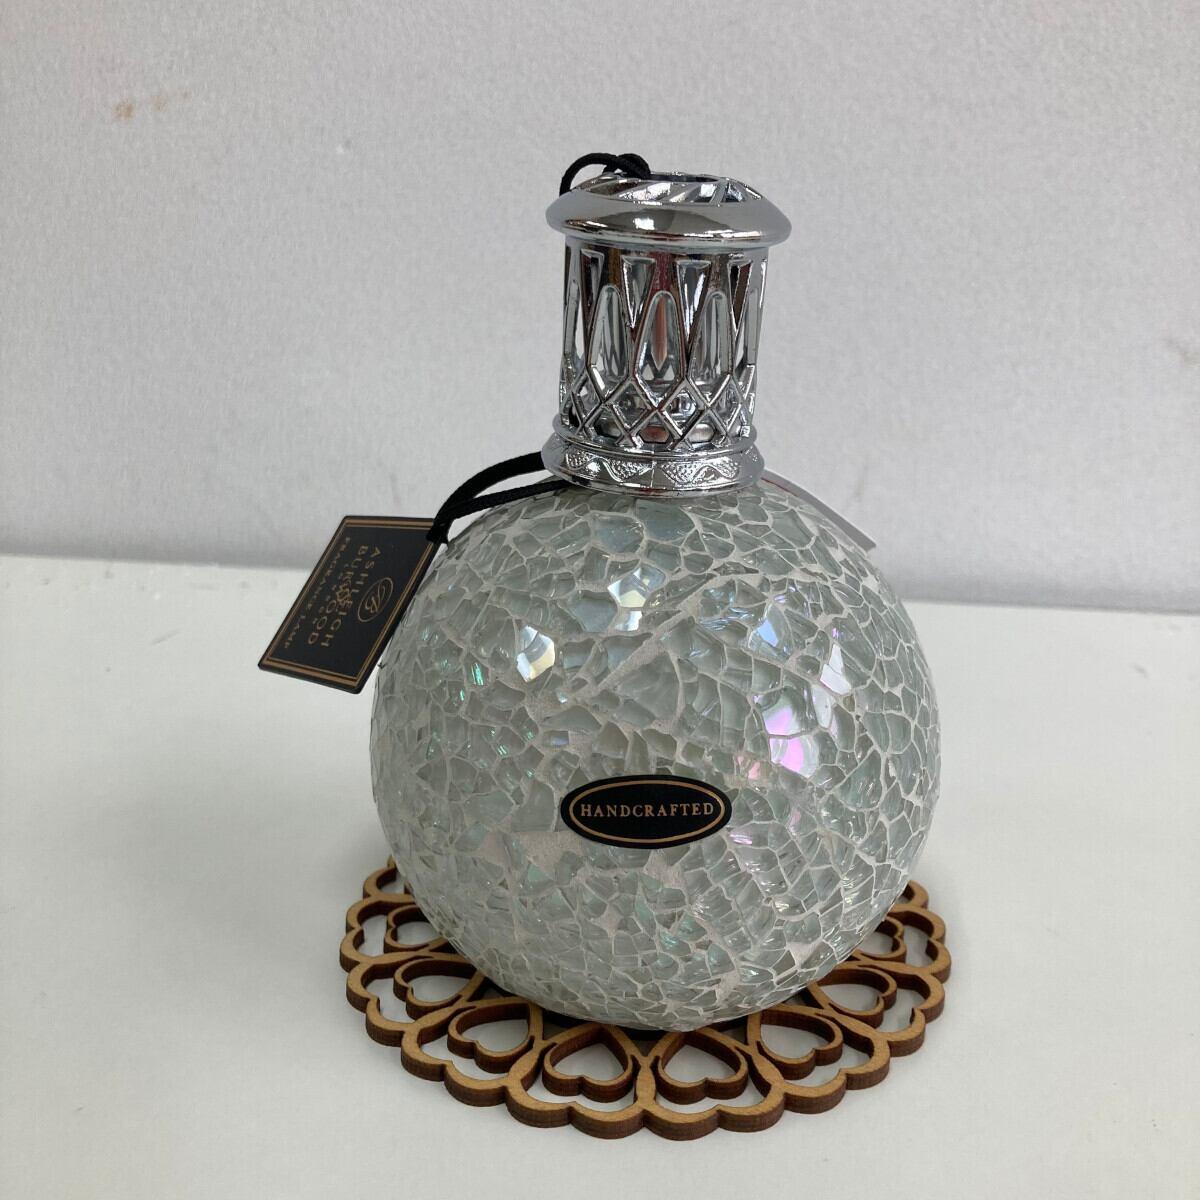 Ashleigh&Burwood(アシュレイ&バーウッド) アロマ フレグランスランプ ホワイト 取扱店 人気 香り 効果 除菌 使い方 お手入れ方法